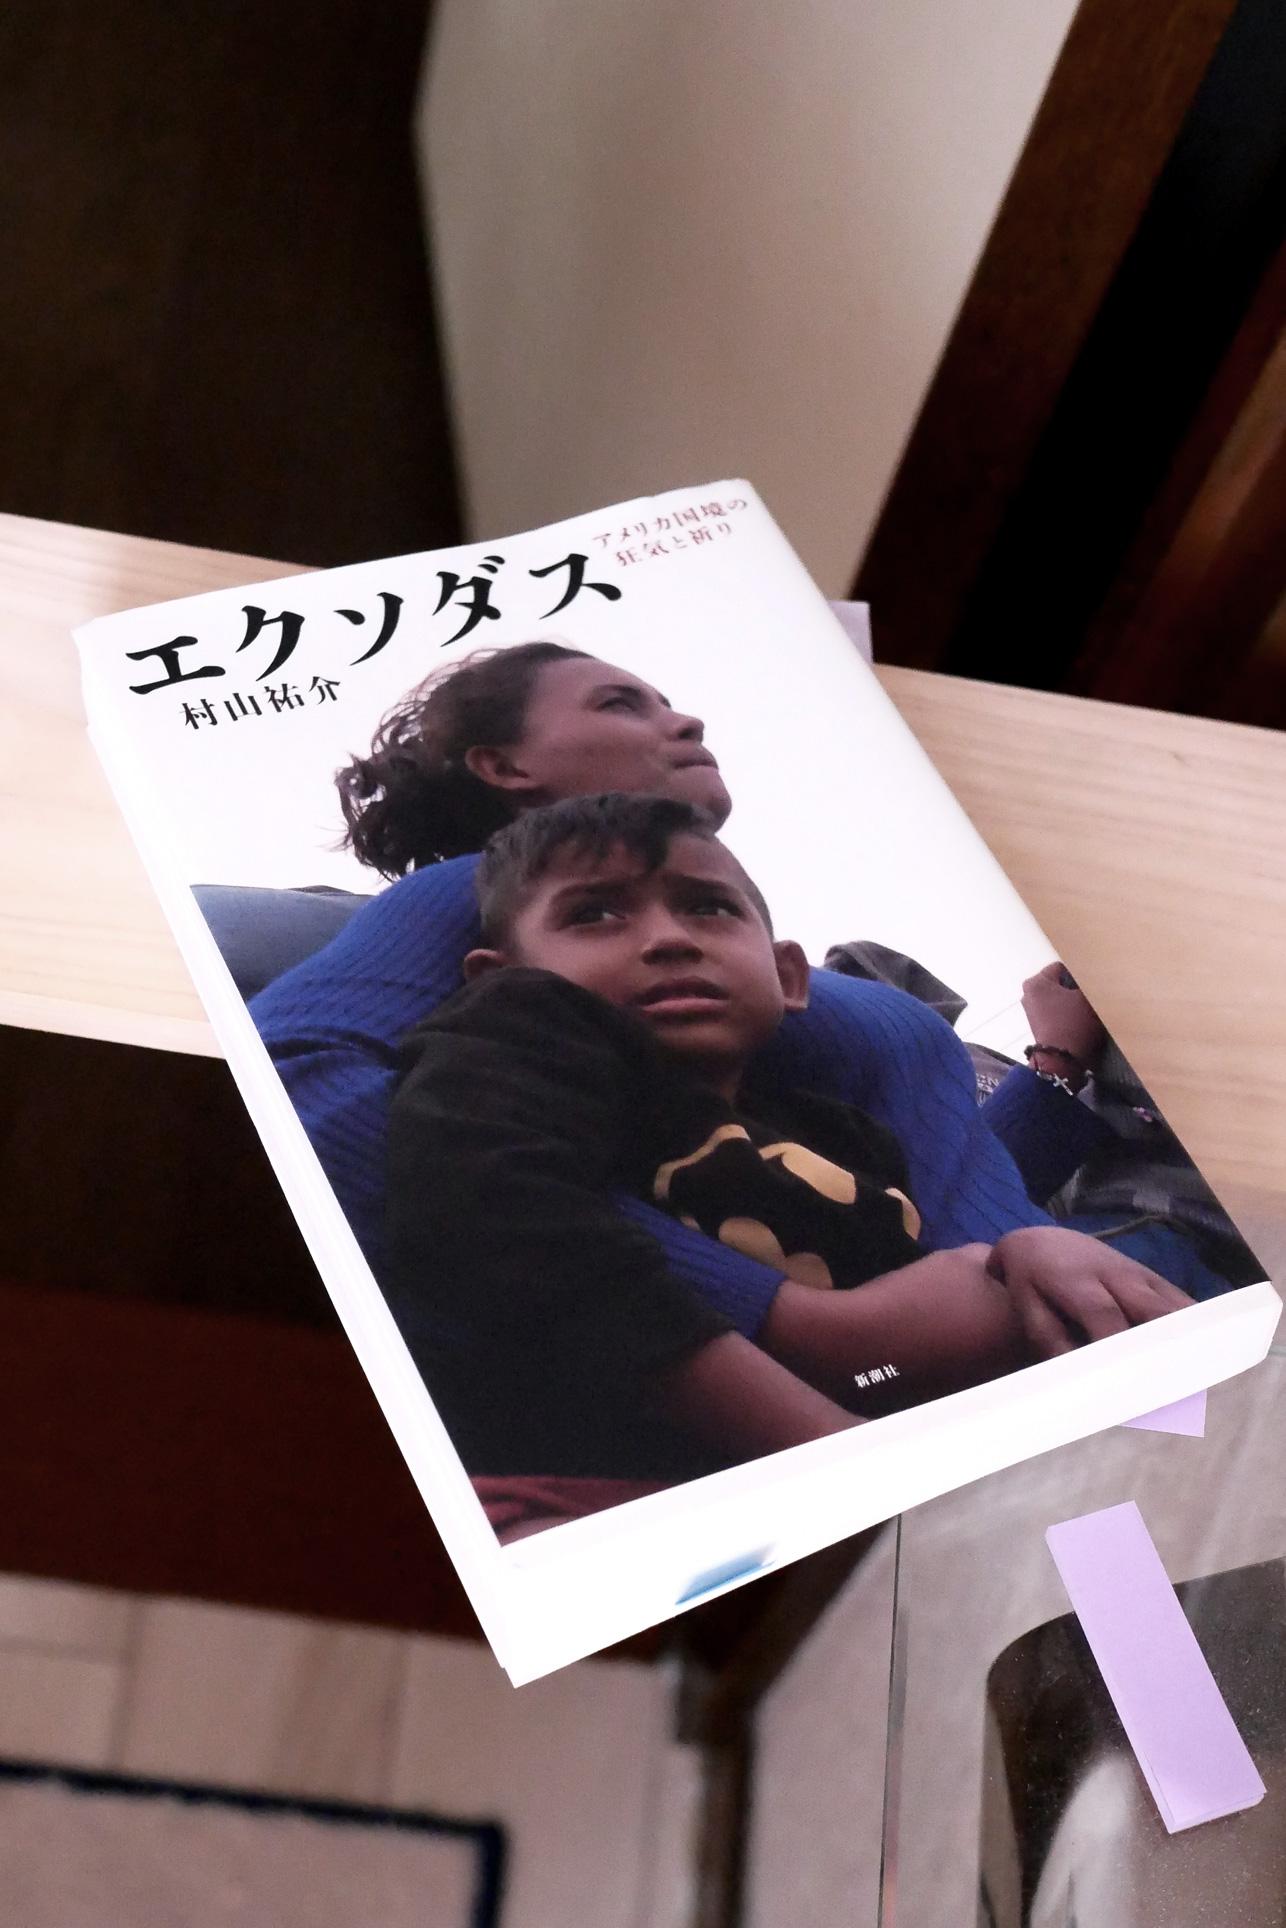 書籍エクソダス: アメリカ国境の狂気と祈り(村山 祐介/新潮社)」の表紙画像